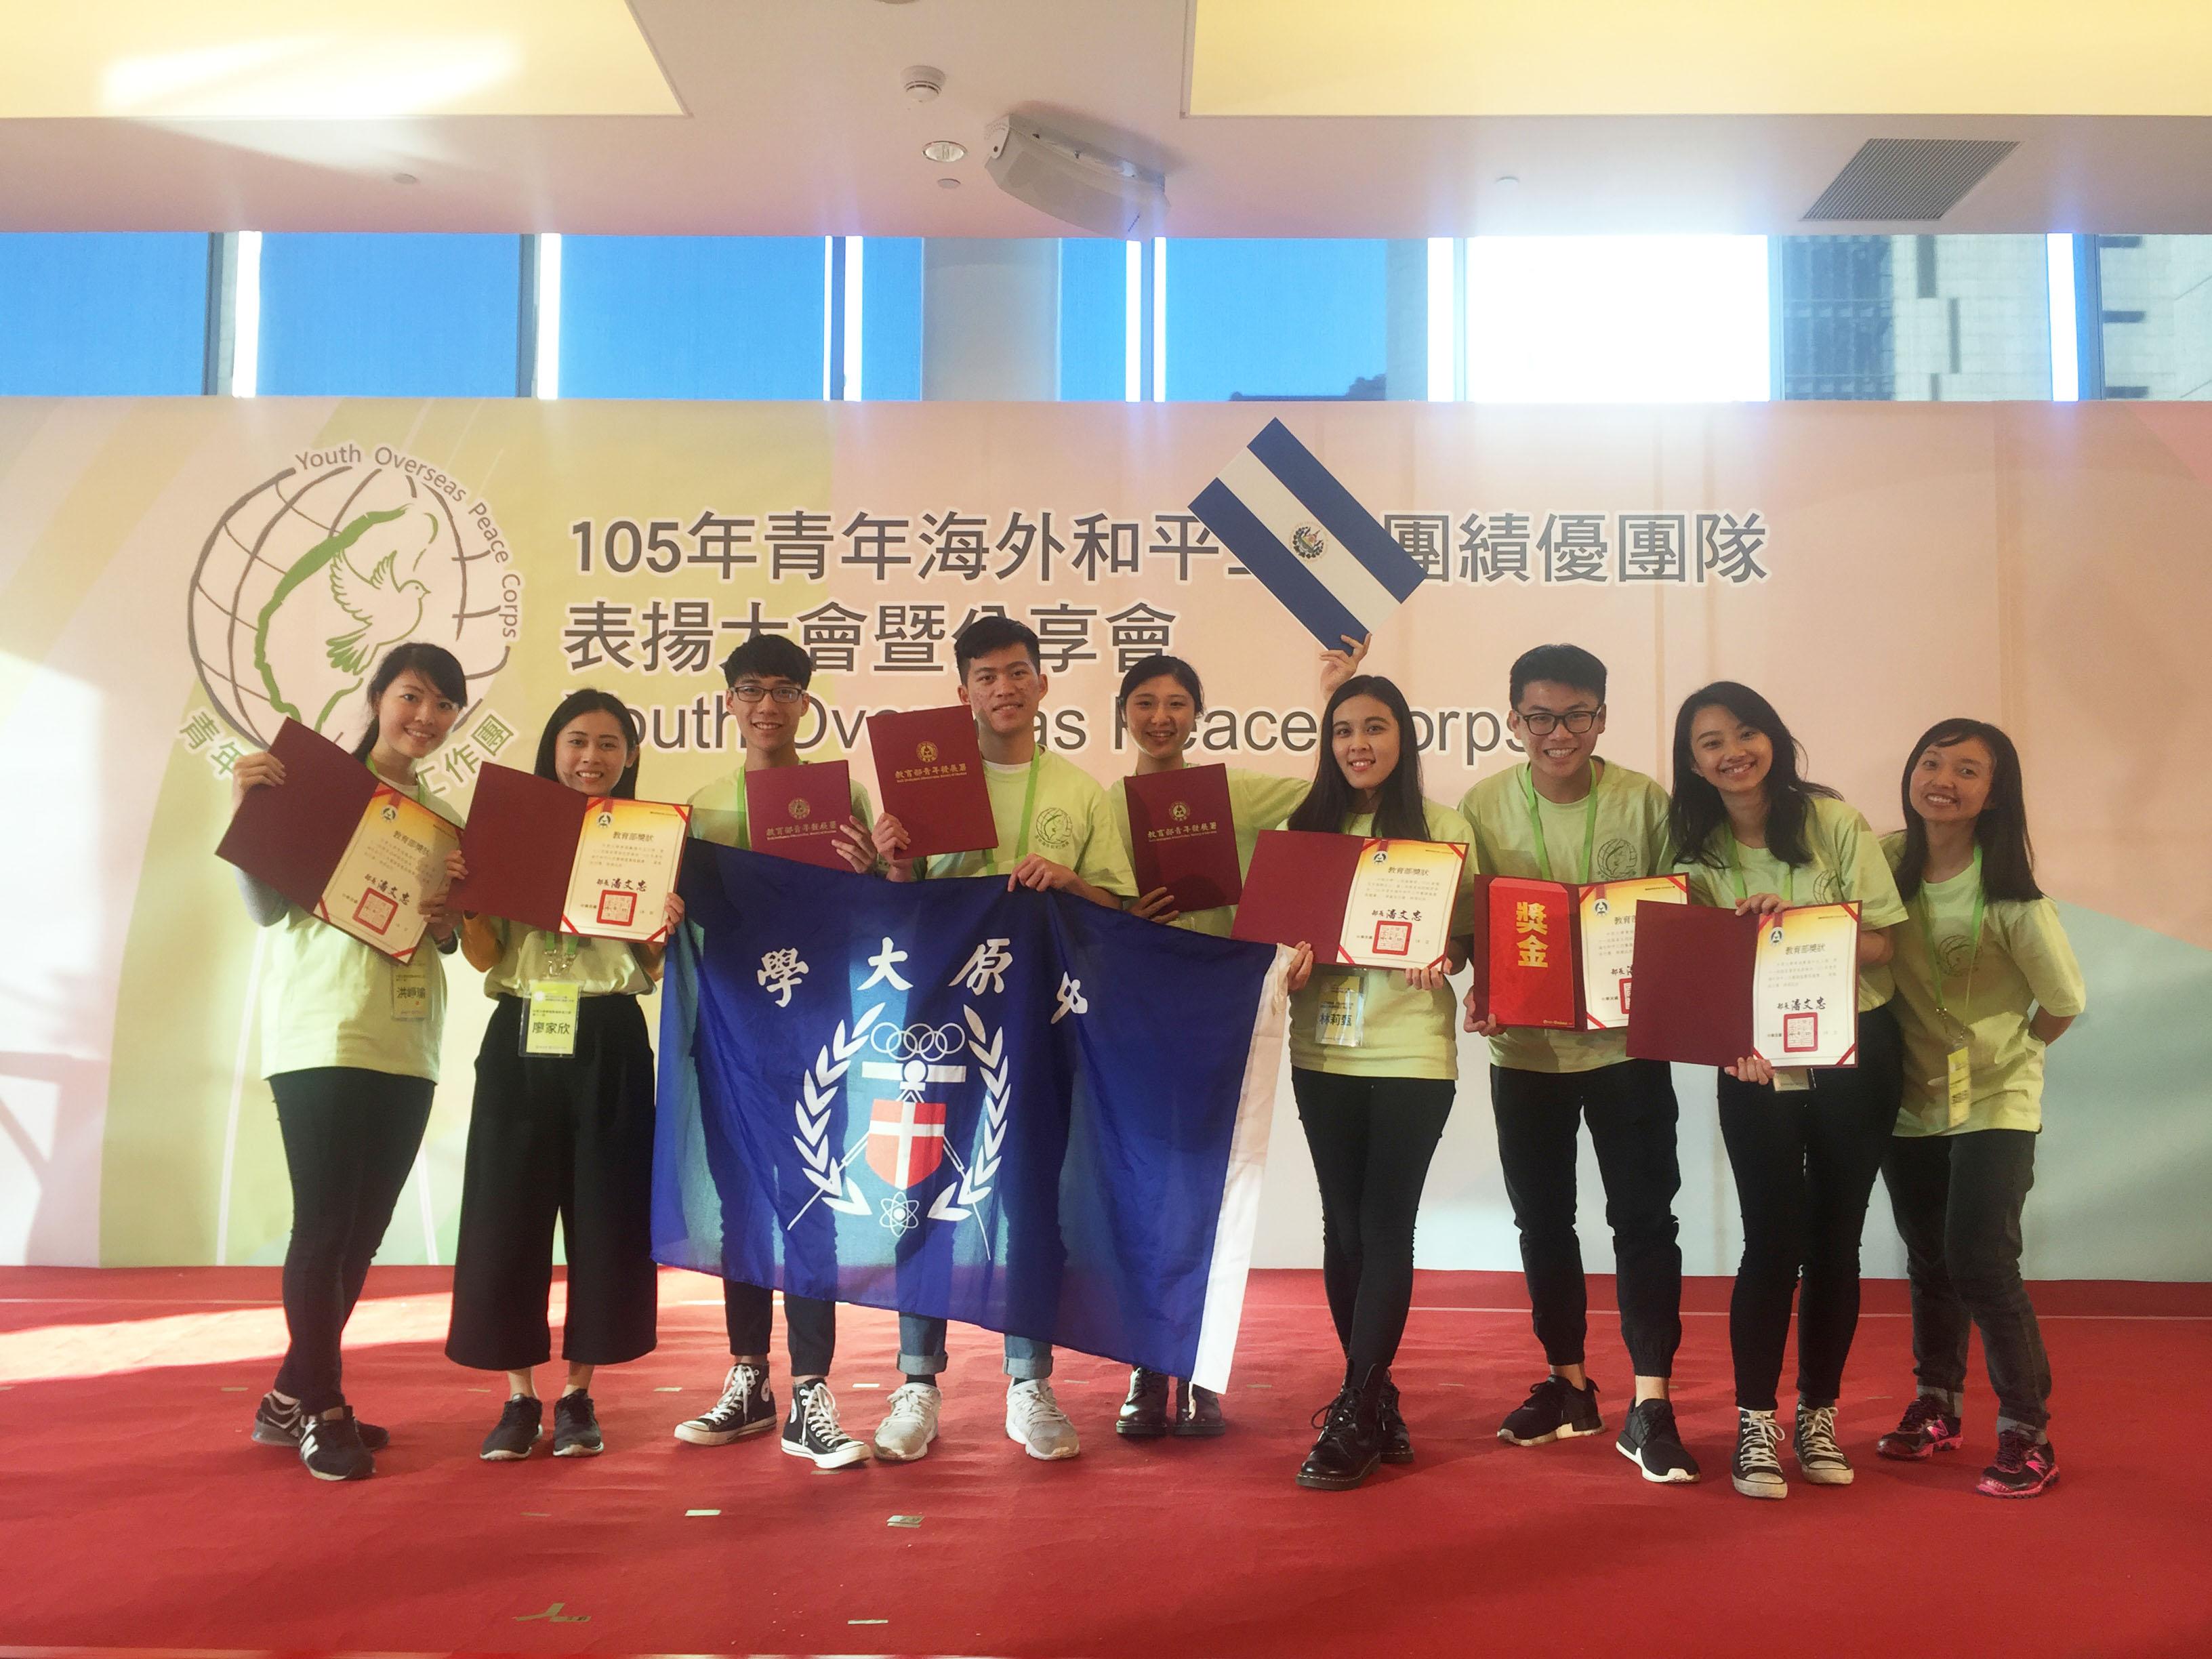 賀!中原大學柬埔寨及薩爾瓦多國際志工隊榮獲教育部海外志工績優團隊獎項